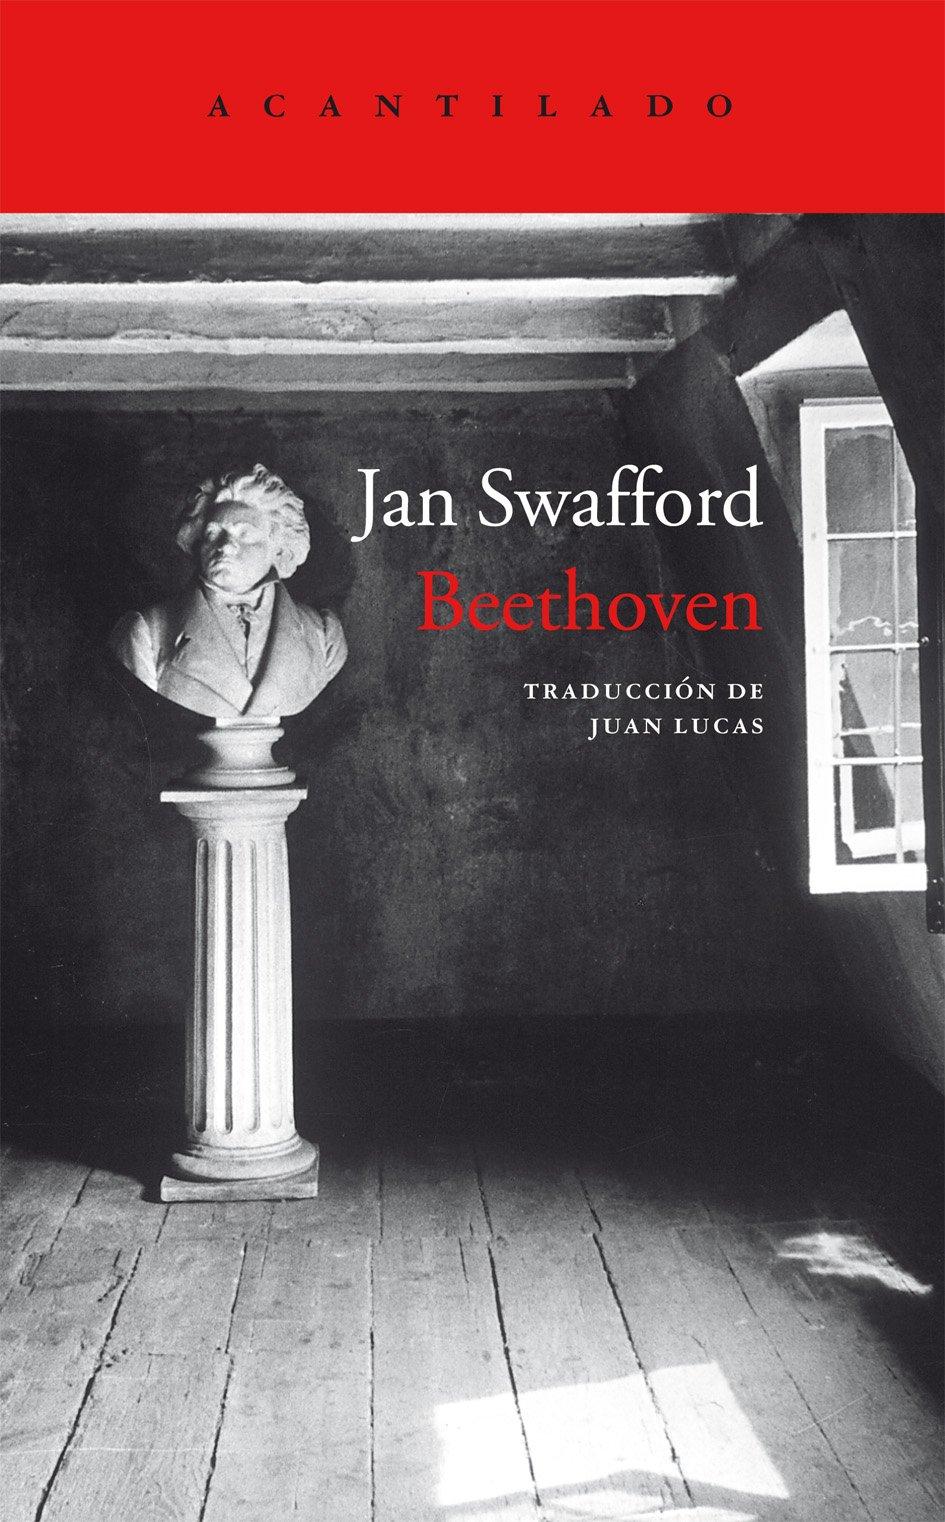 Johannes brahms a biography amazon jan swafford libros en beethoven el acantilado fandeluxe Image collections